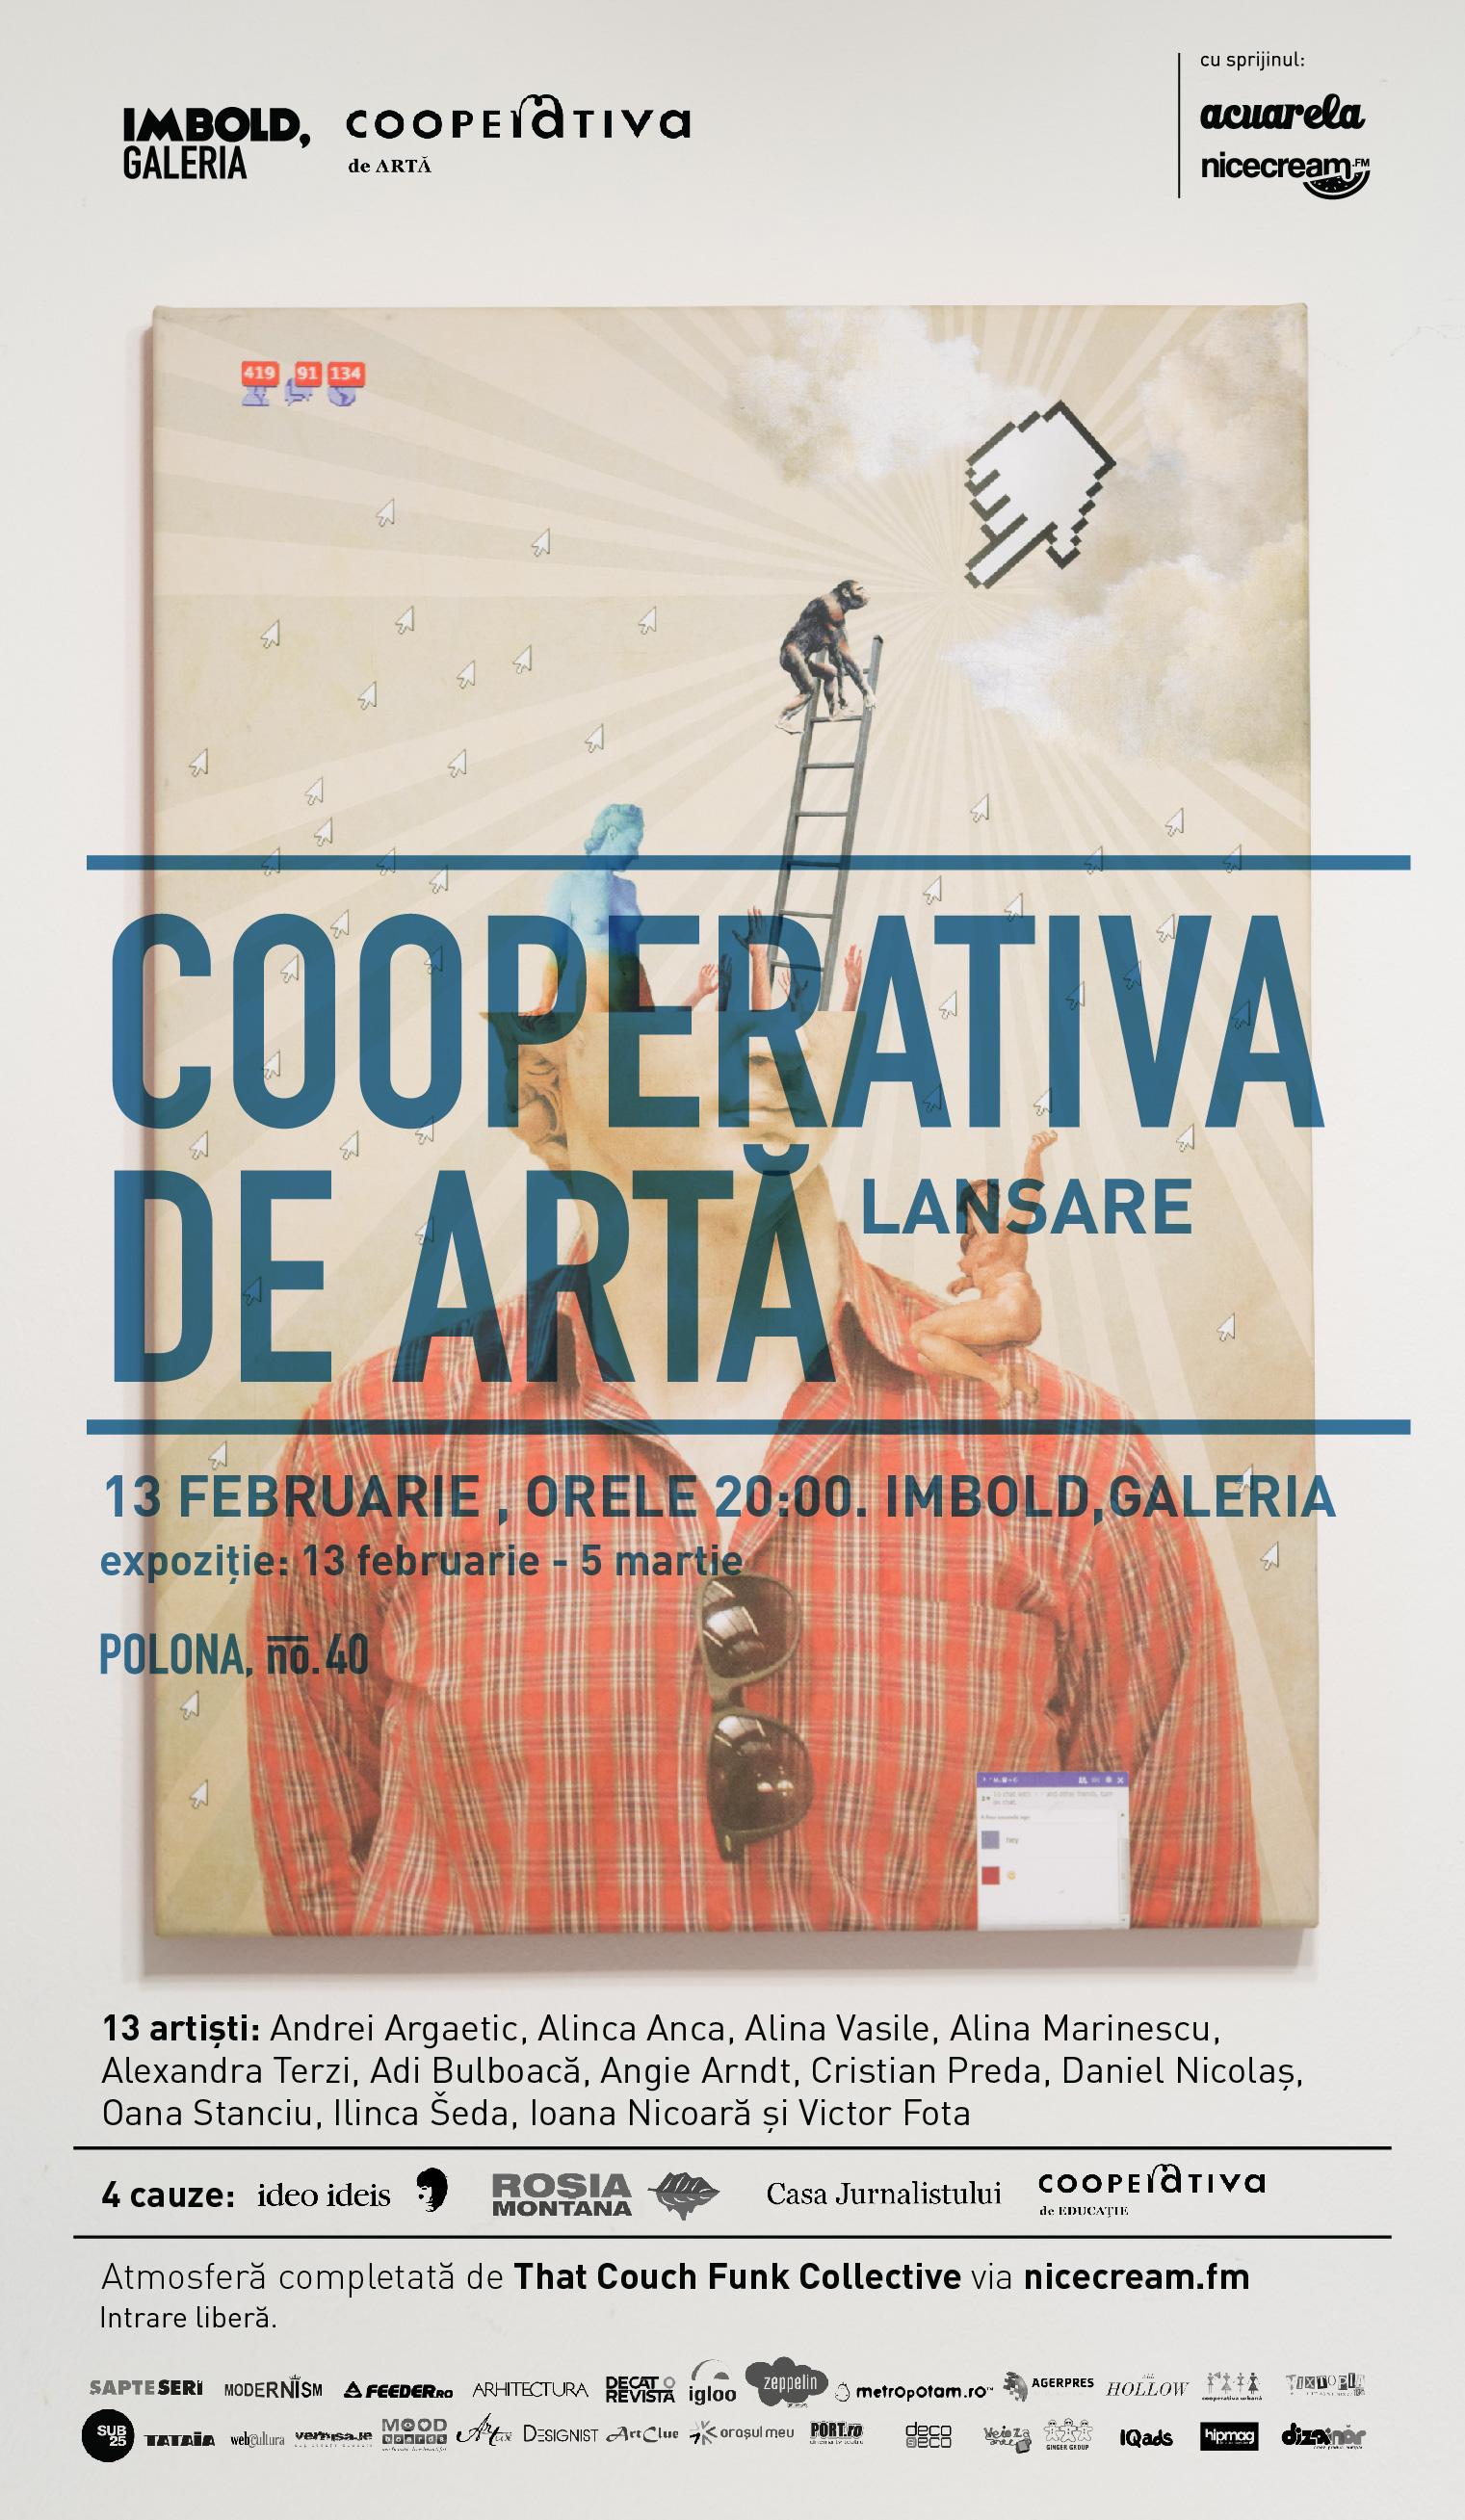 Lansare Cooperativa de Artă la Imbold, Galeria, București